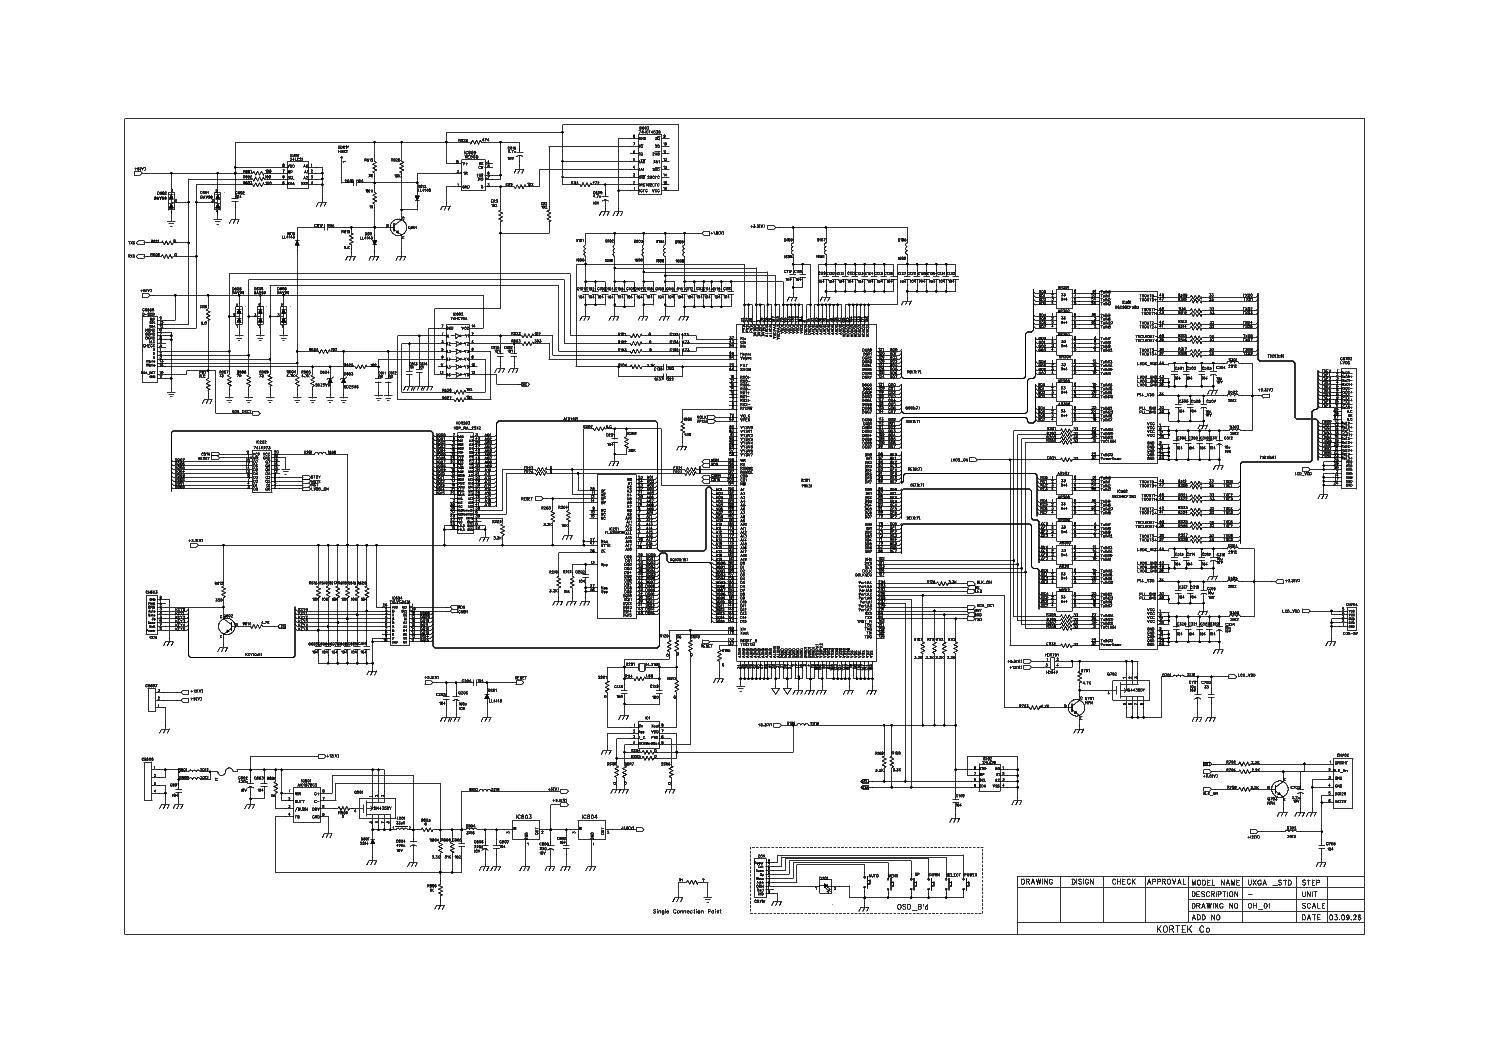 Kortek Ktl190s Service Manual Download  Schematics  Eeprom